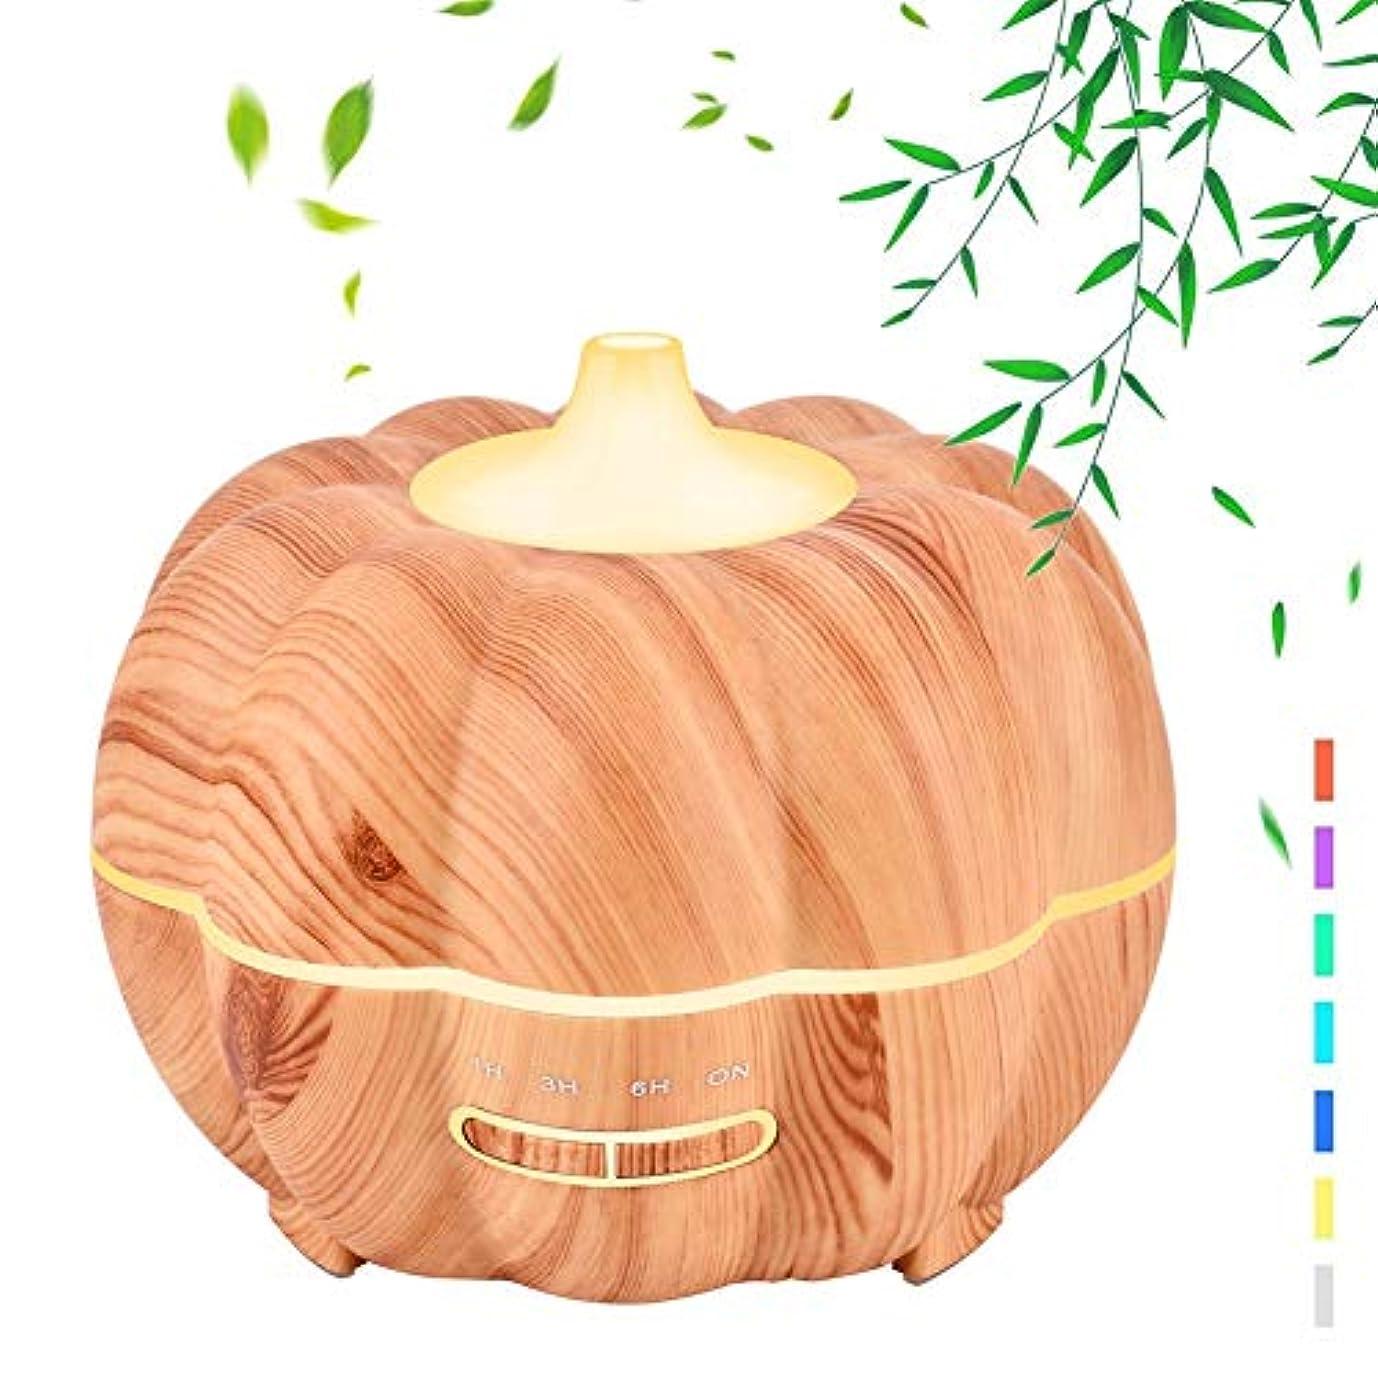 送る山追放する300ミリリットル木材穀物エッセンシャルオイルディフューザー、加湿器超音波アロマセラピーアロマセラピーディフューザー加湿器、静かな操作、7色フレグランスランプ、ホームオフィス用ヨガスパ,Lightwoodgrain